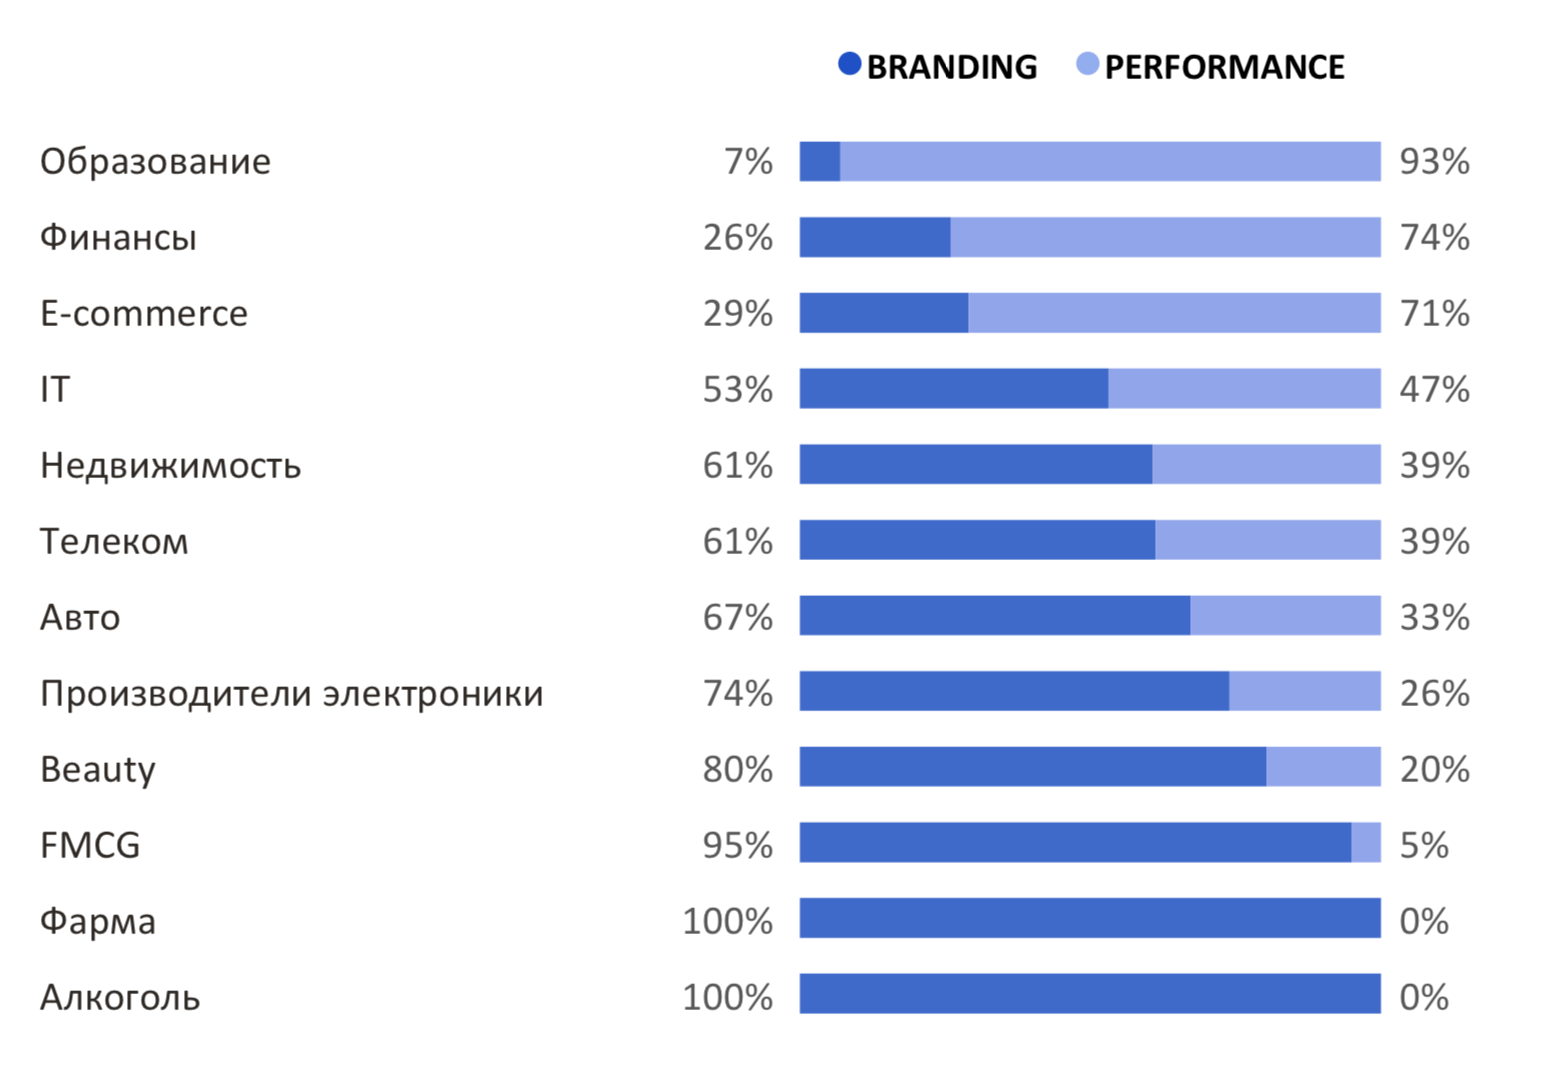 Соотношение брендинговой и перфоманс-рекламы по отраслям